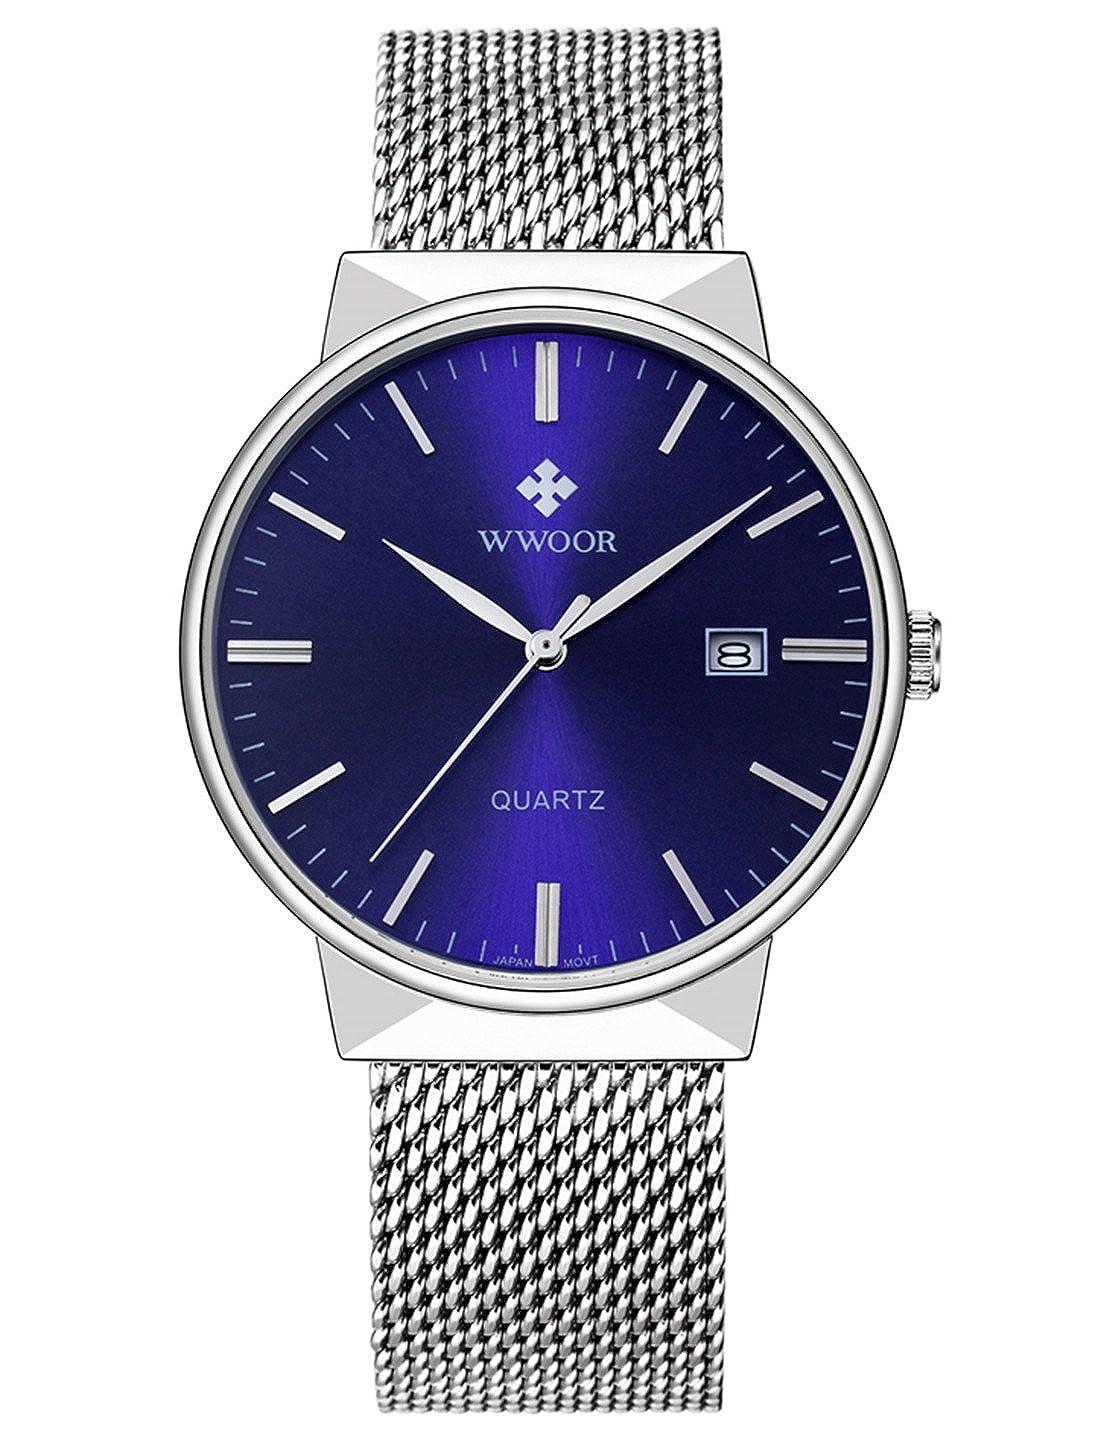 Wwoor - Reloj analógico de cuarzo para hombre, impermeable ...